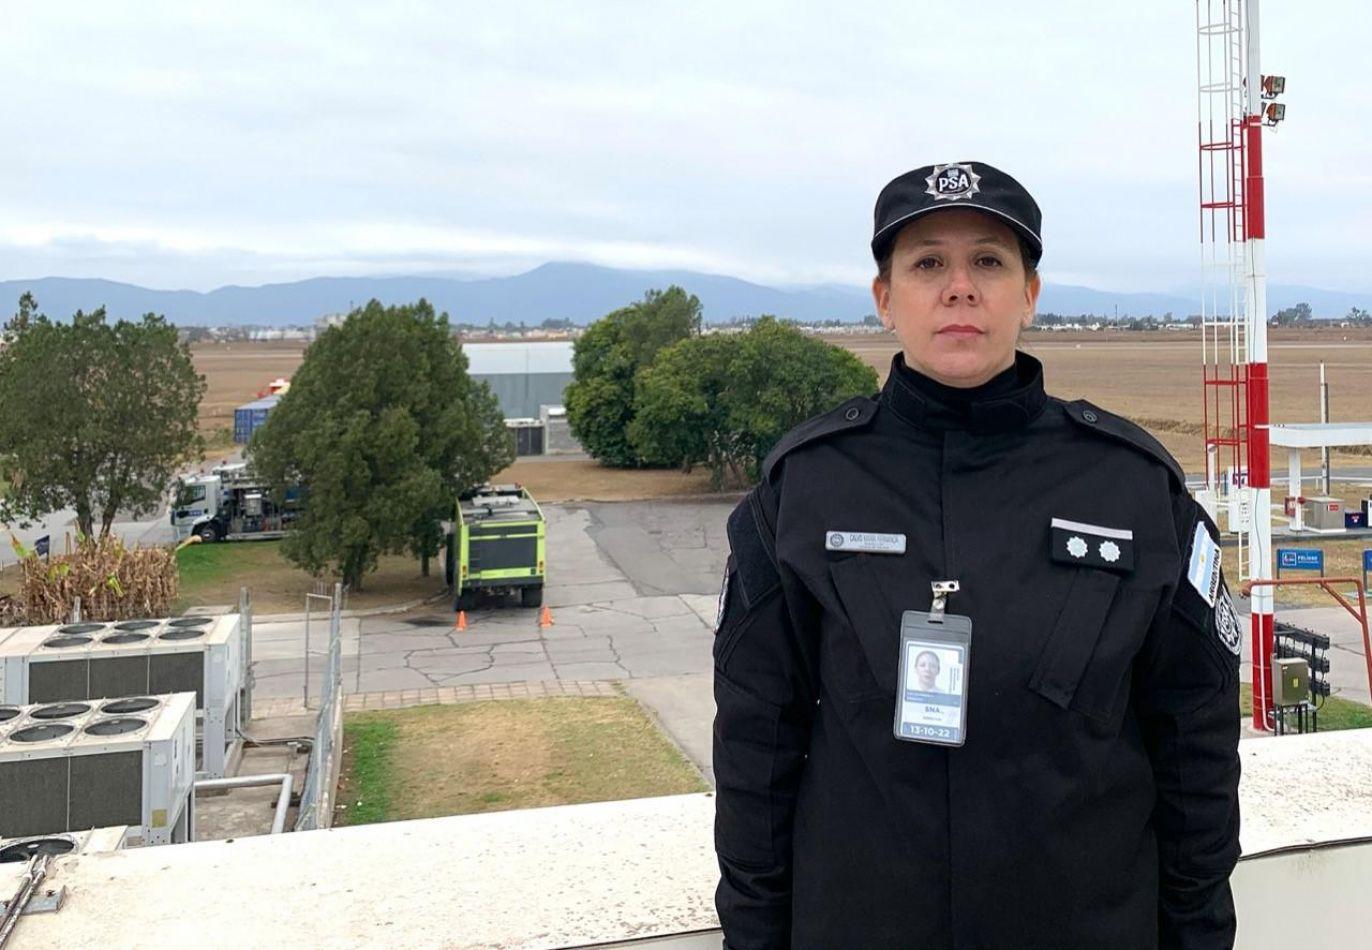 La Policía de Seguridad Aeroportuaria designó a una salteña como la nueva jefa en Salta